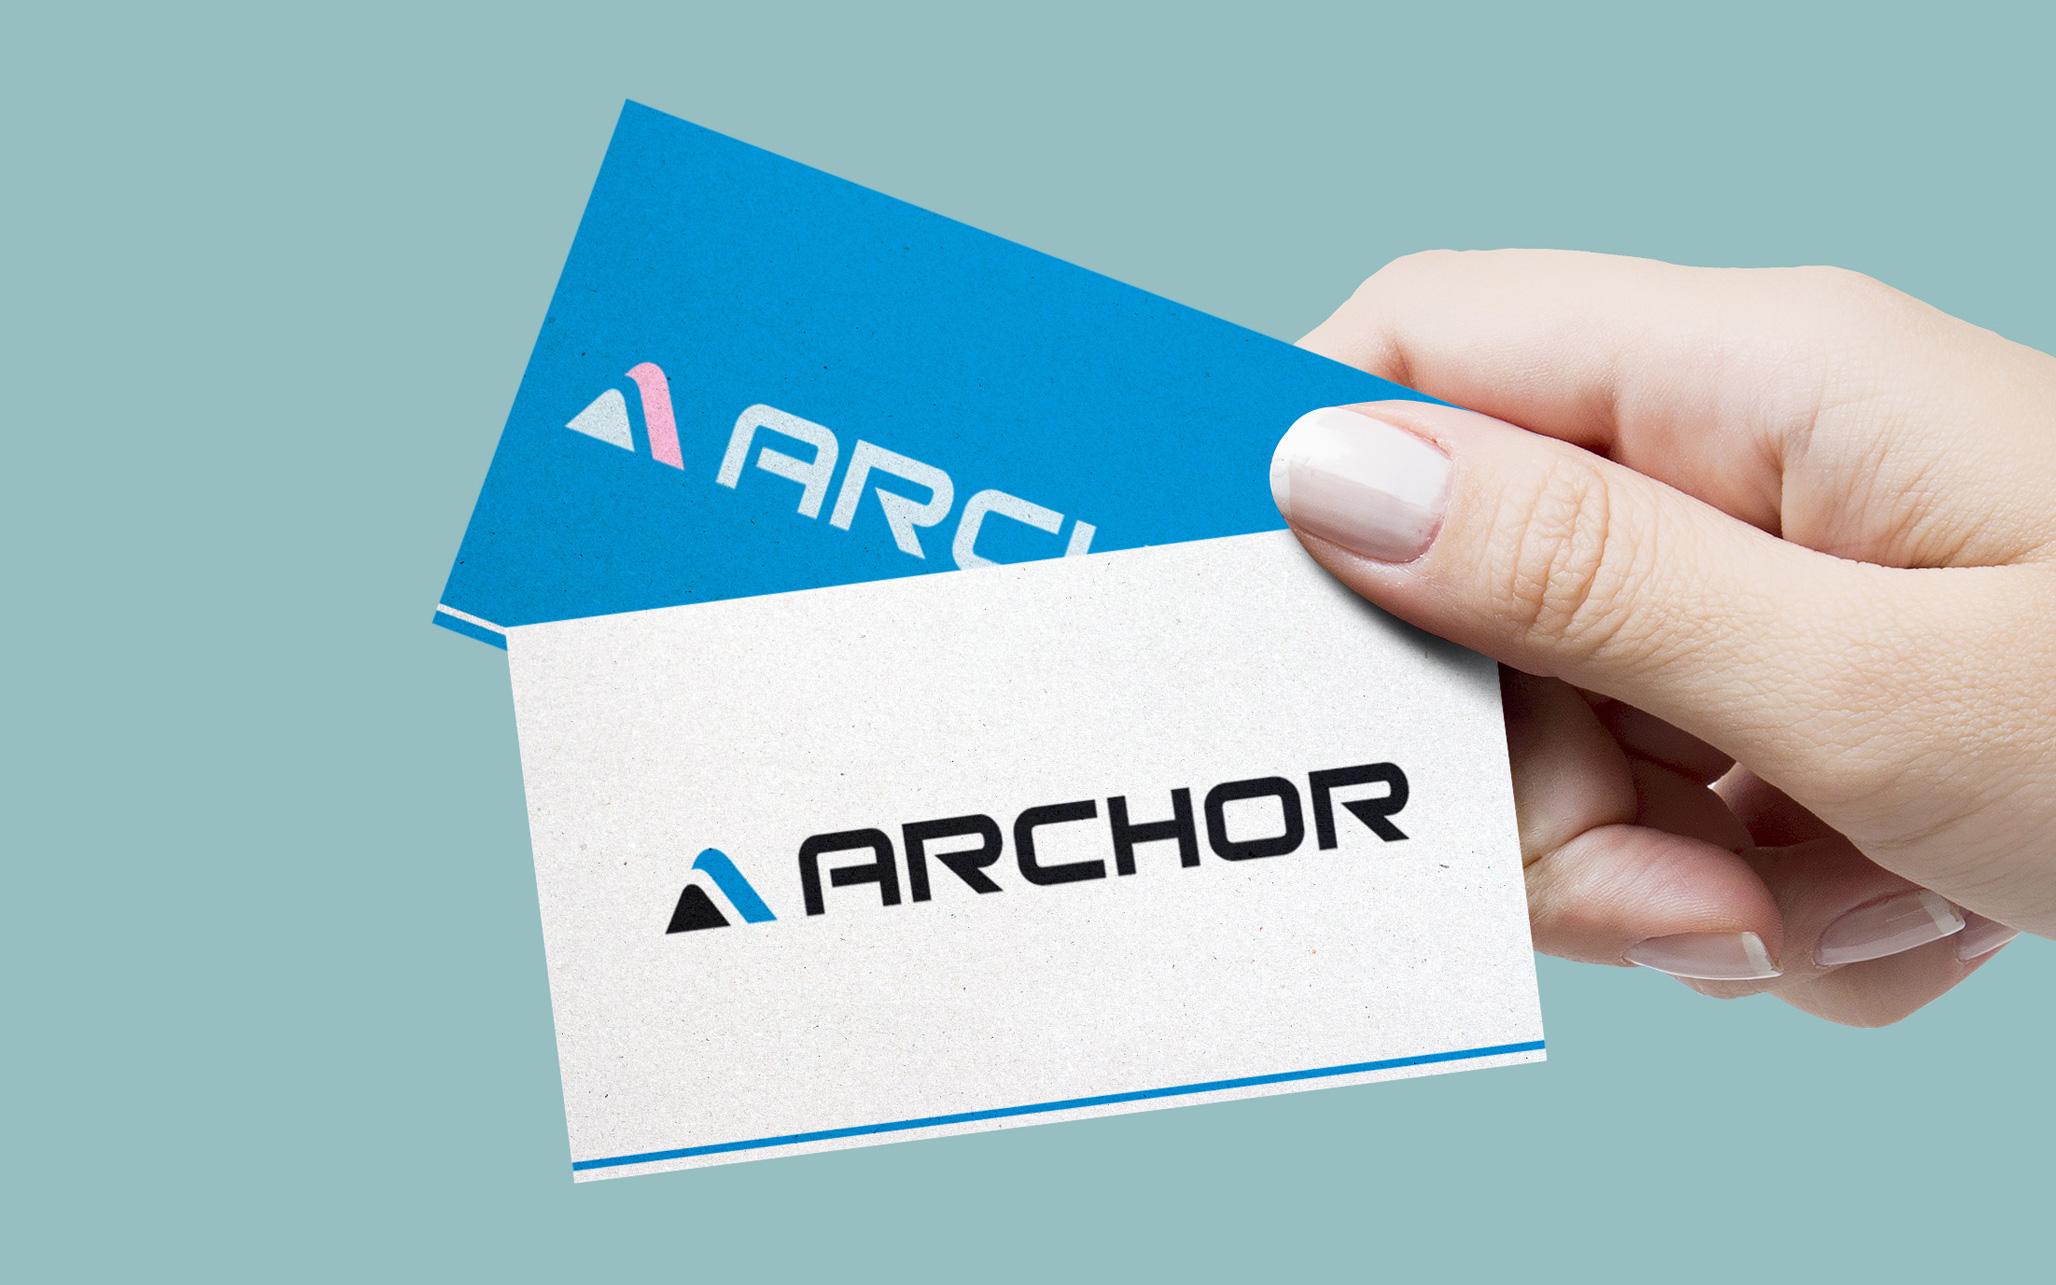 Aarchor